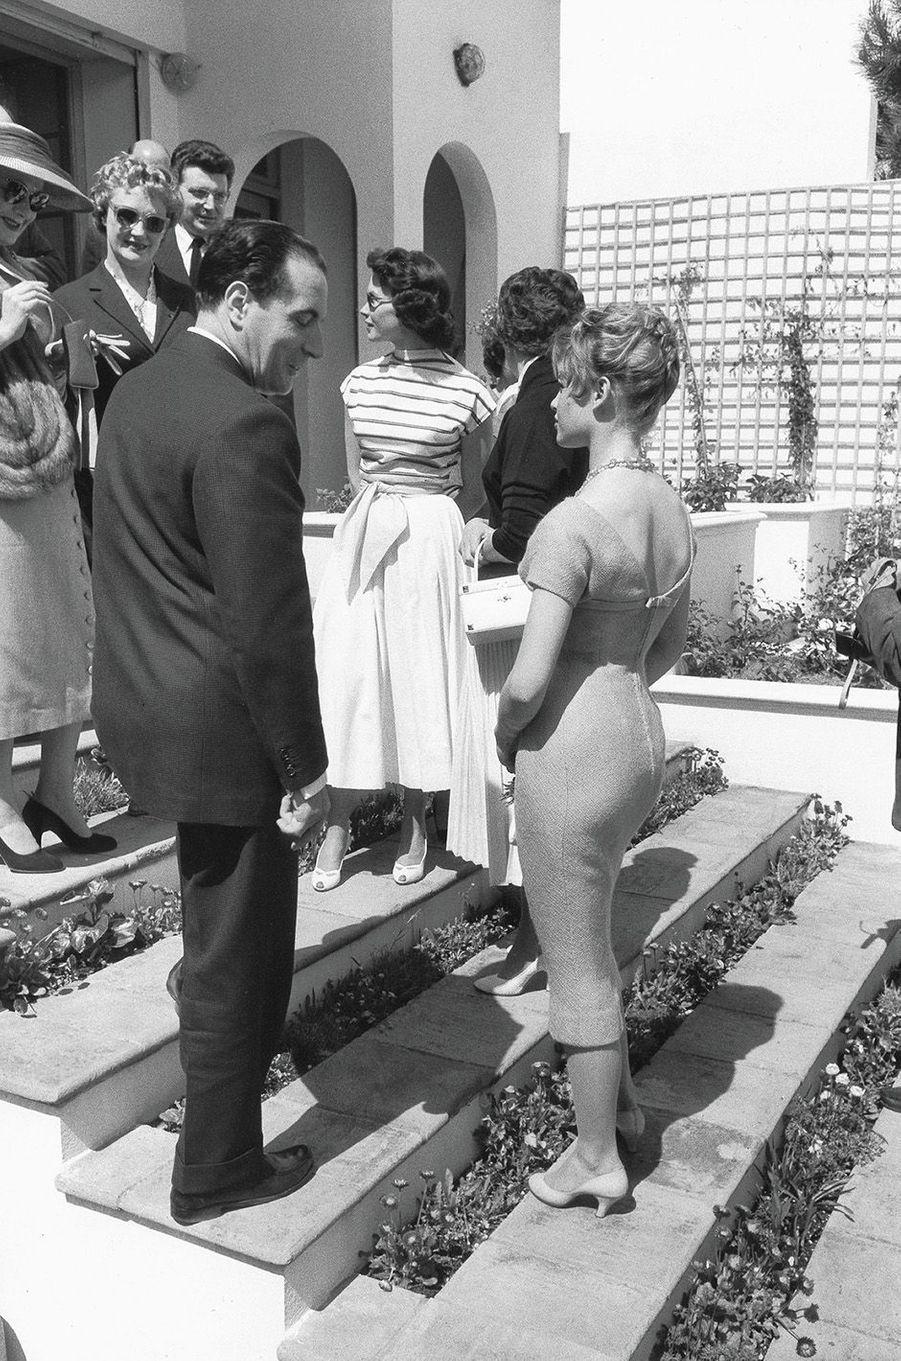 Le ministre François Mitterrand à Cannes pour déclarer l'ouverture du Festival de cinéma. Il ne peut s'empêcher d'admirer les formes de Brigitte Bardot dans une robe moulante.